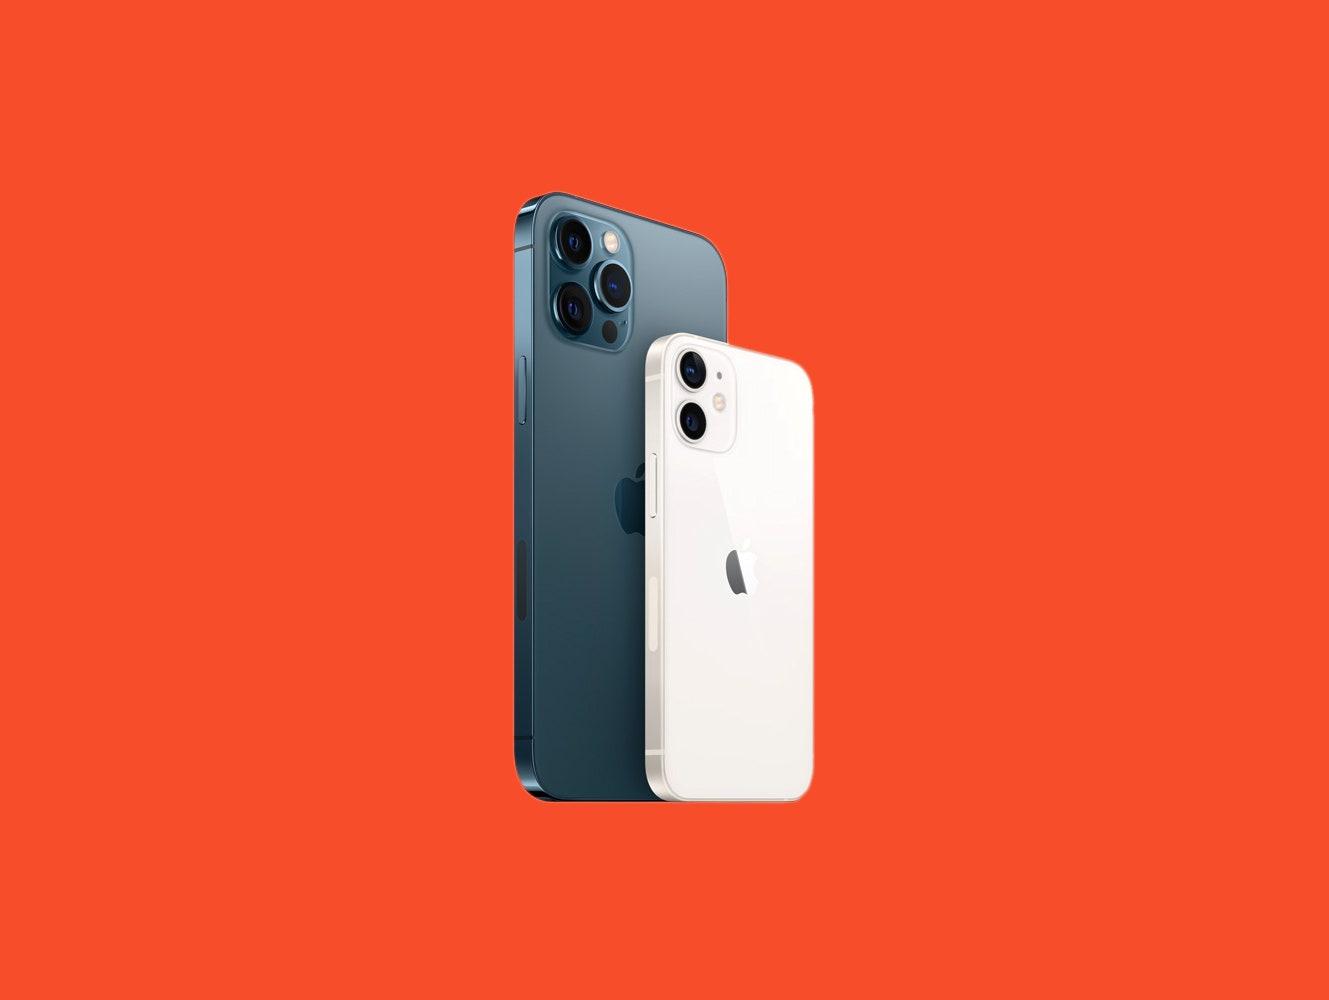 Ceny iPhone 12 i iPhone 12 Pro w Orange